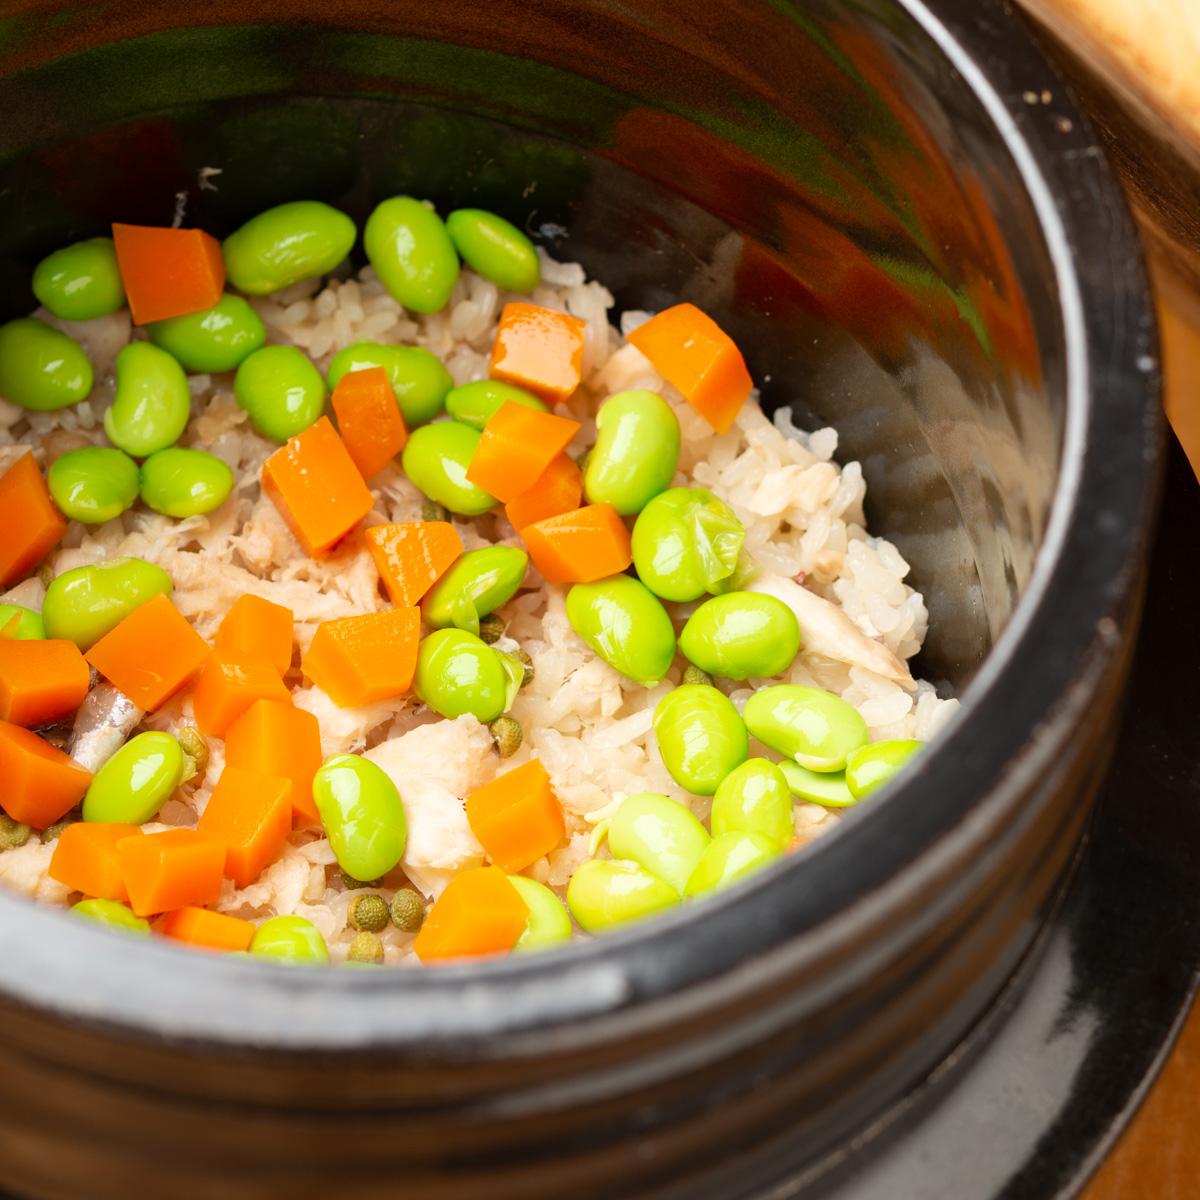 御飯物 鯛と枝豆・実山椒の炊き込みご飯、みょうがとわかめの赤出汁